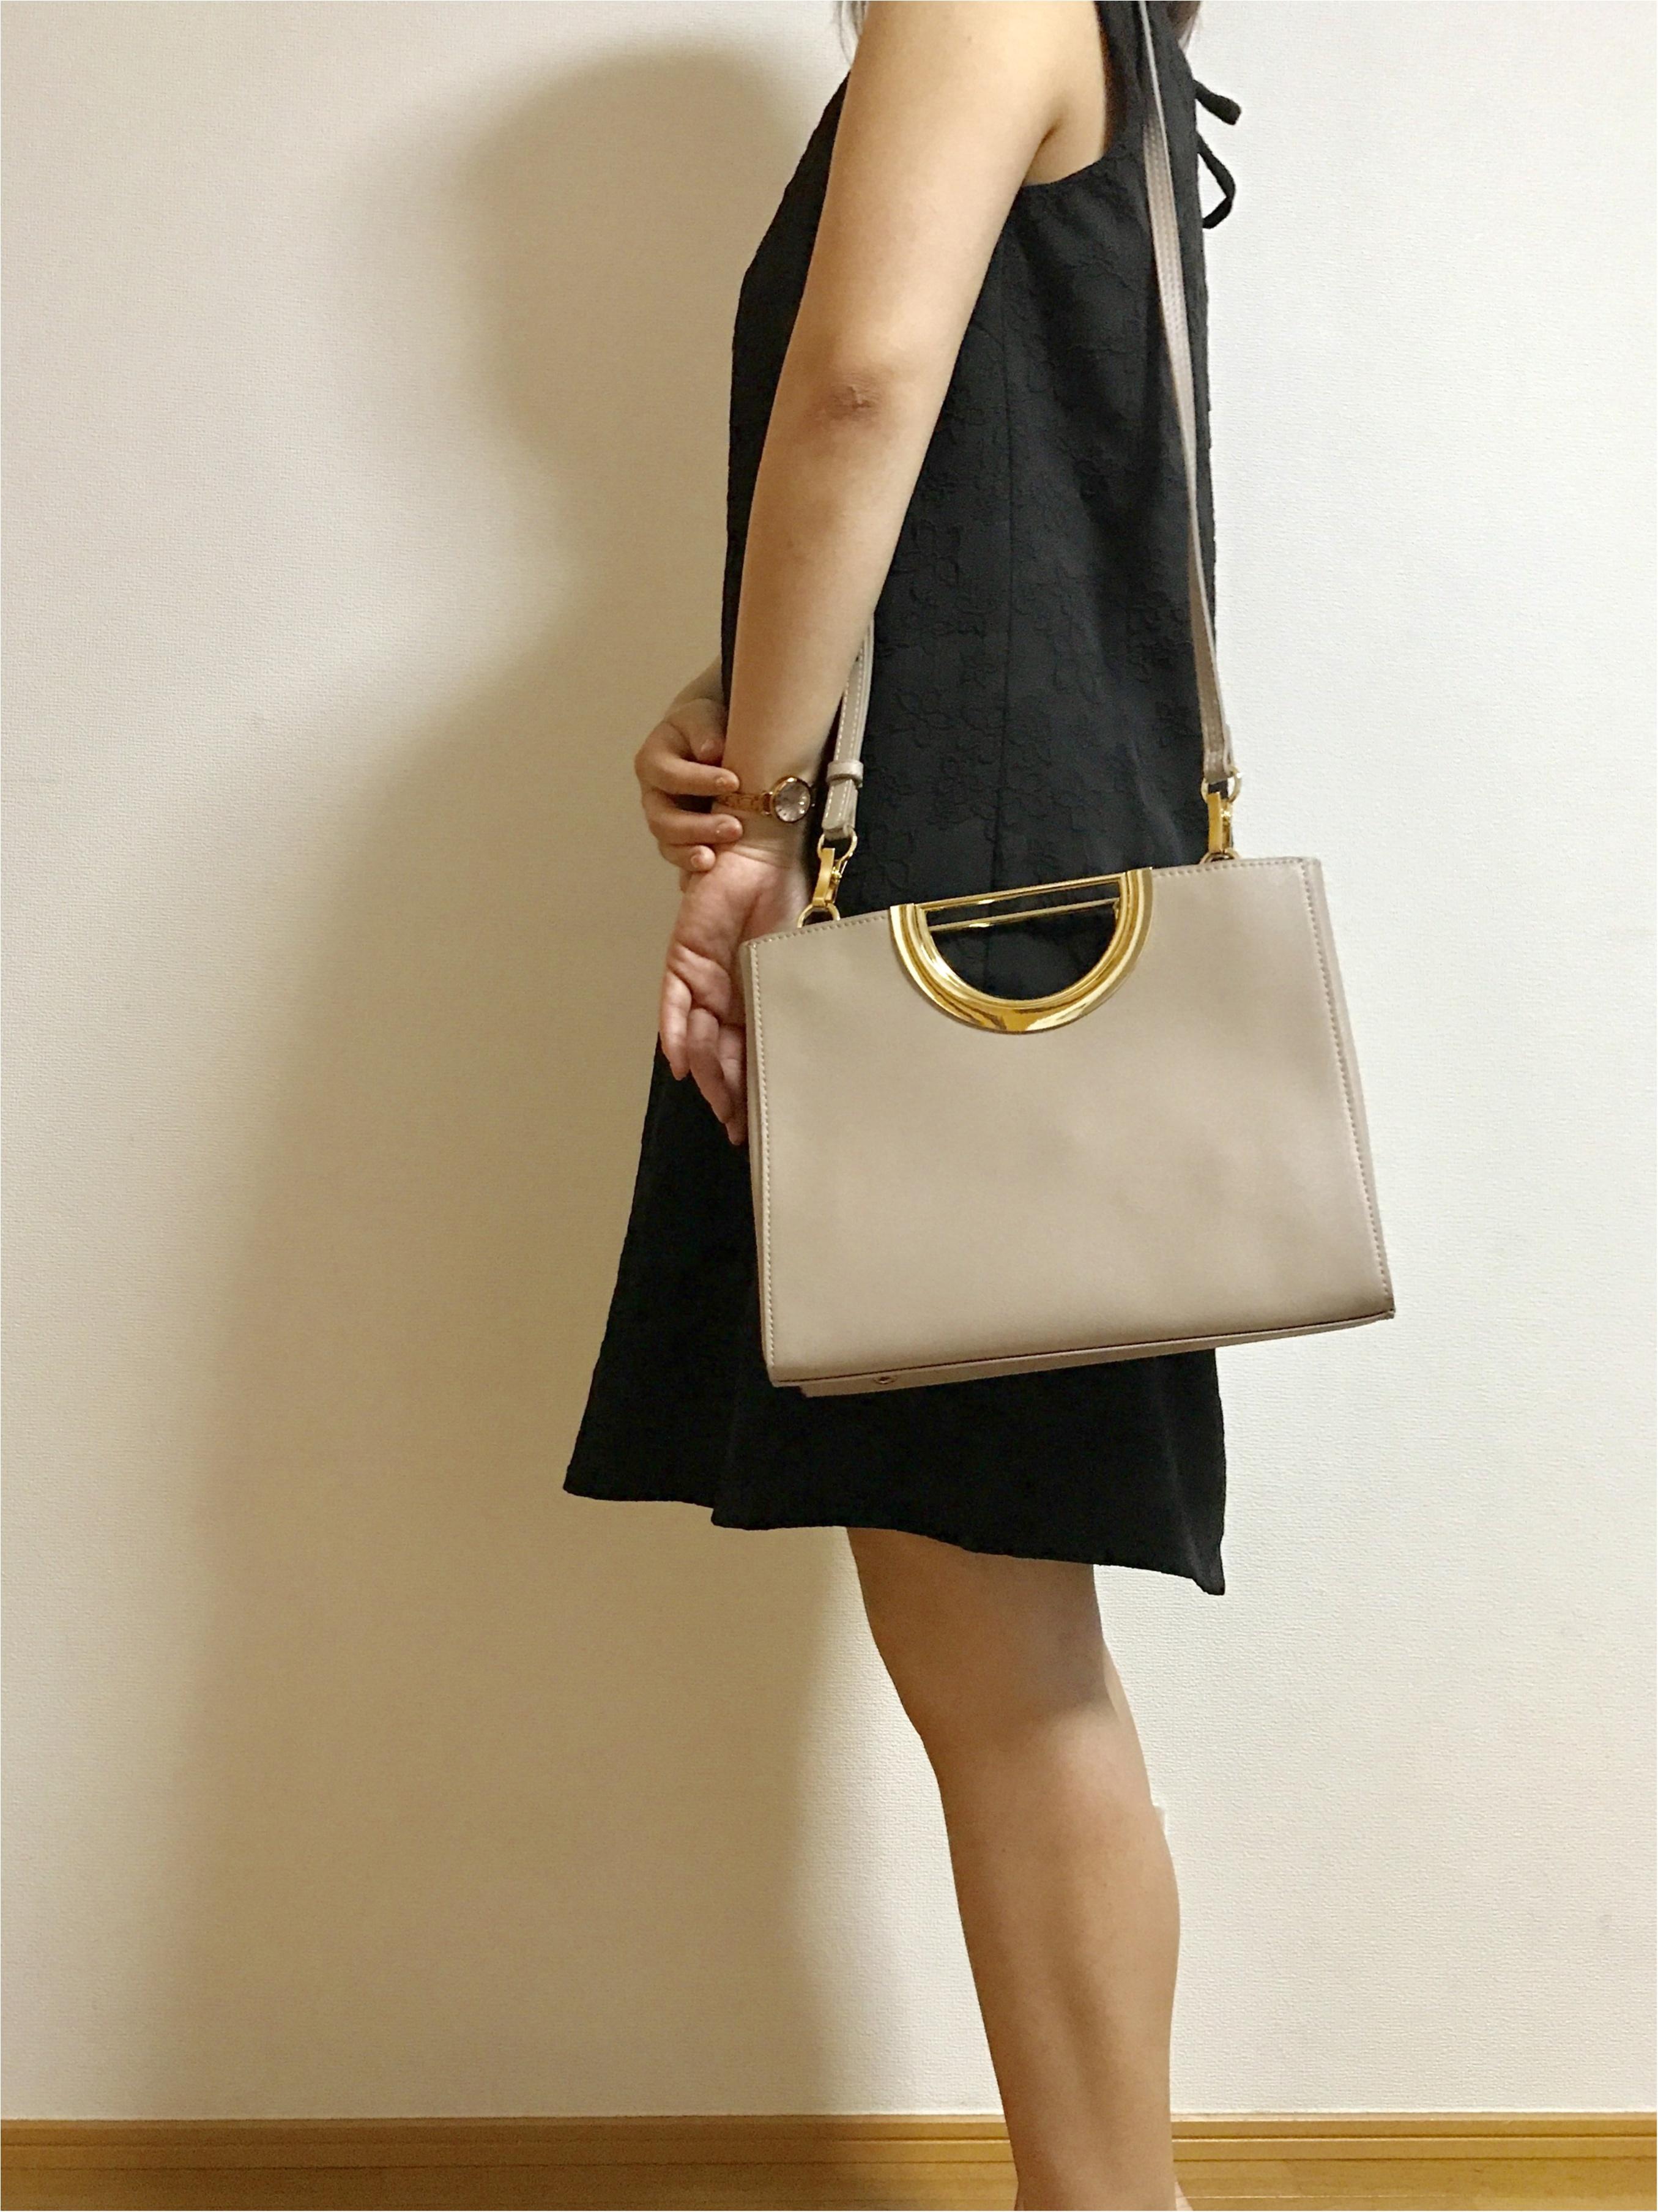 【リングハンドルバッグ】3wayで使えるバッグを購入♡♡_5